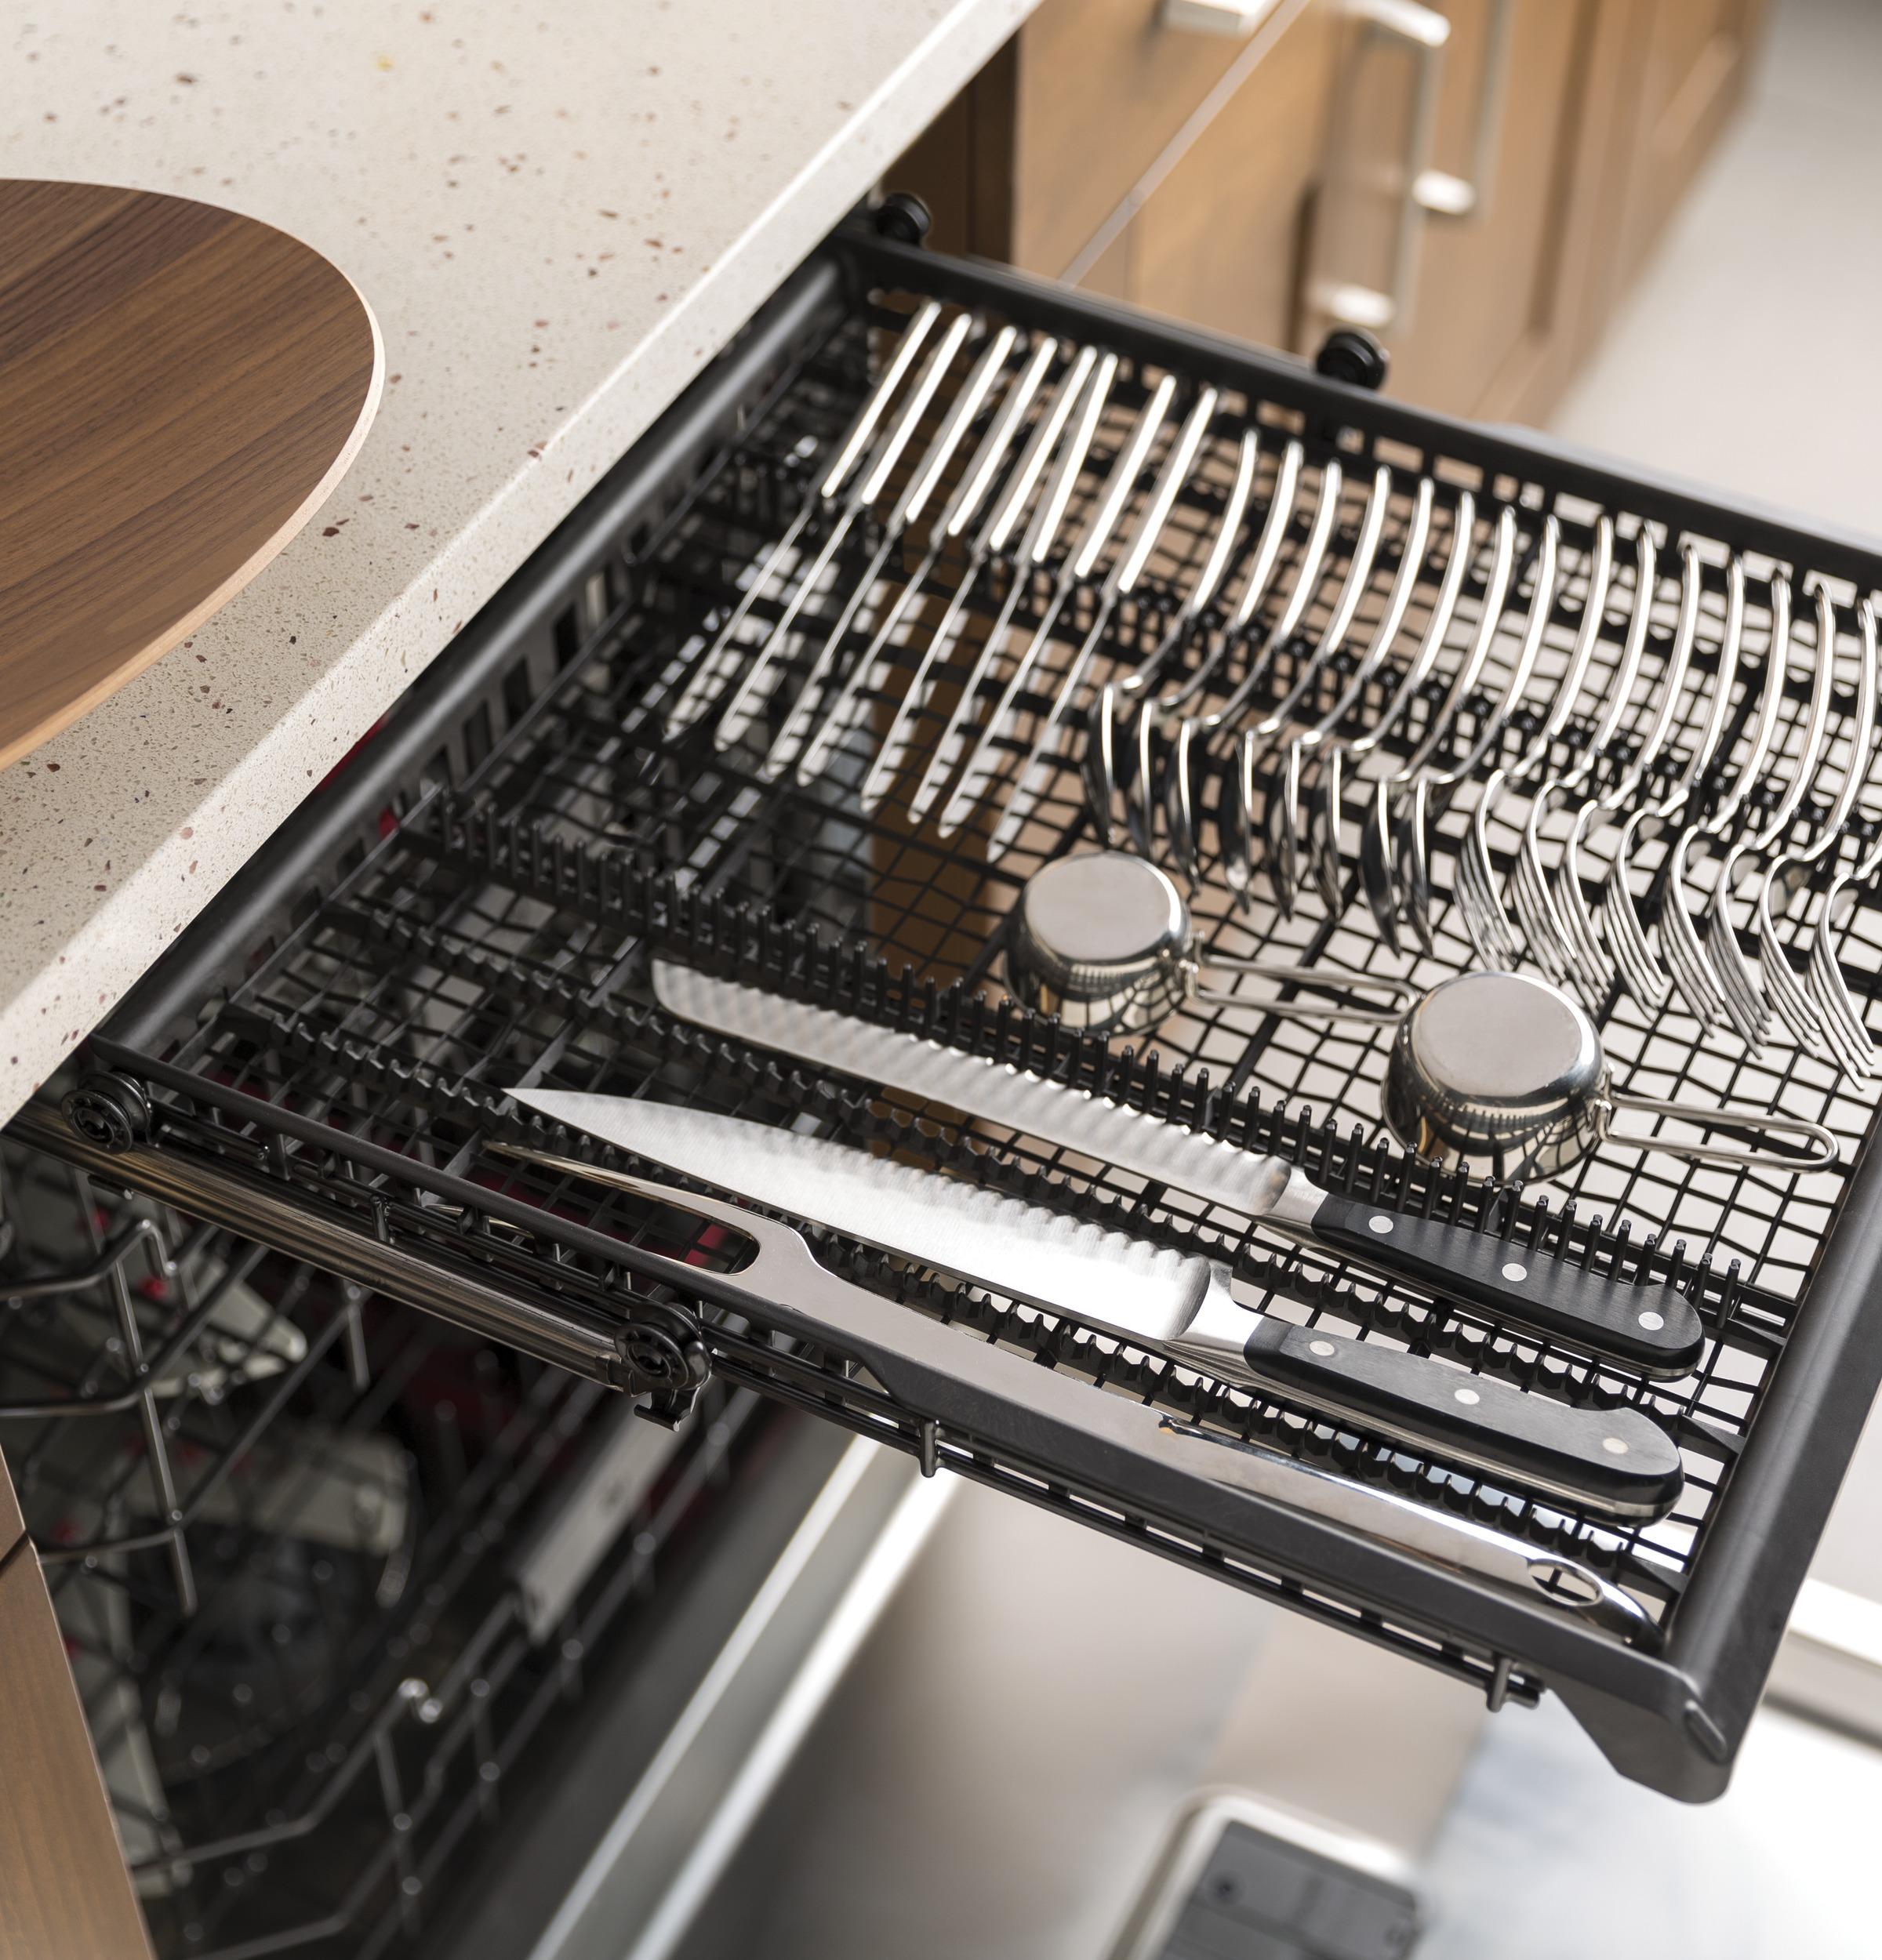 Ge Cafe Dishwashers Cleaning Liances Arizona